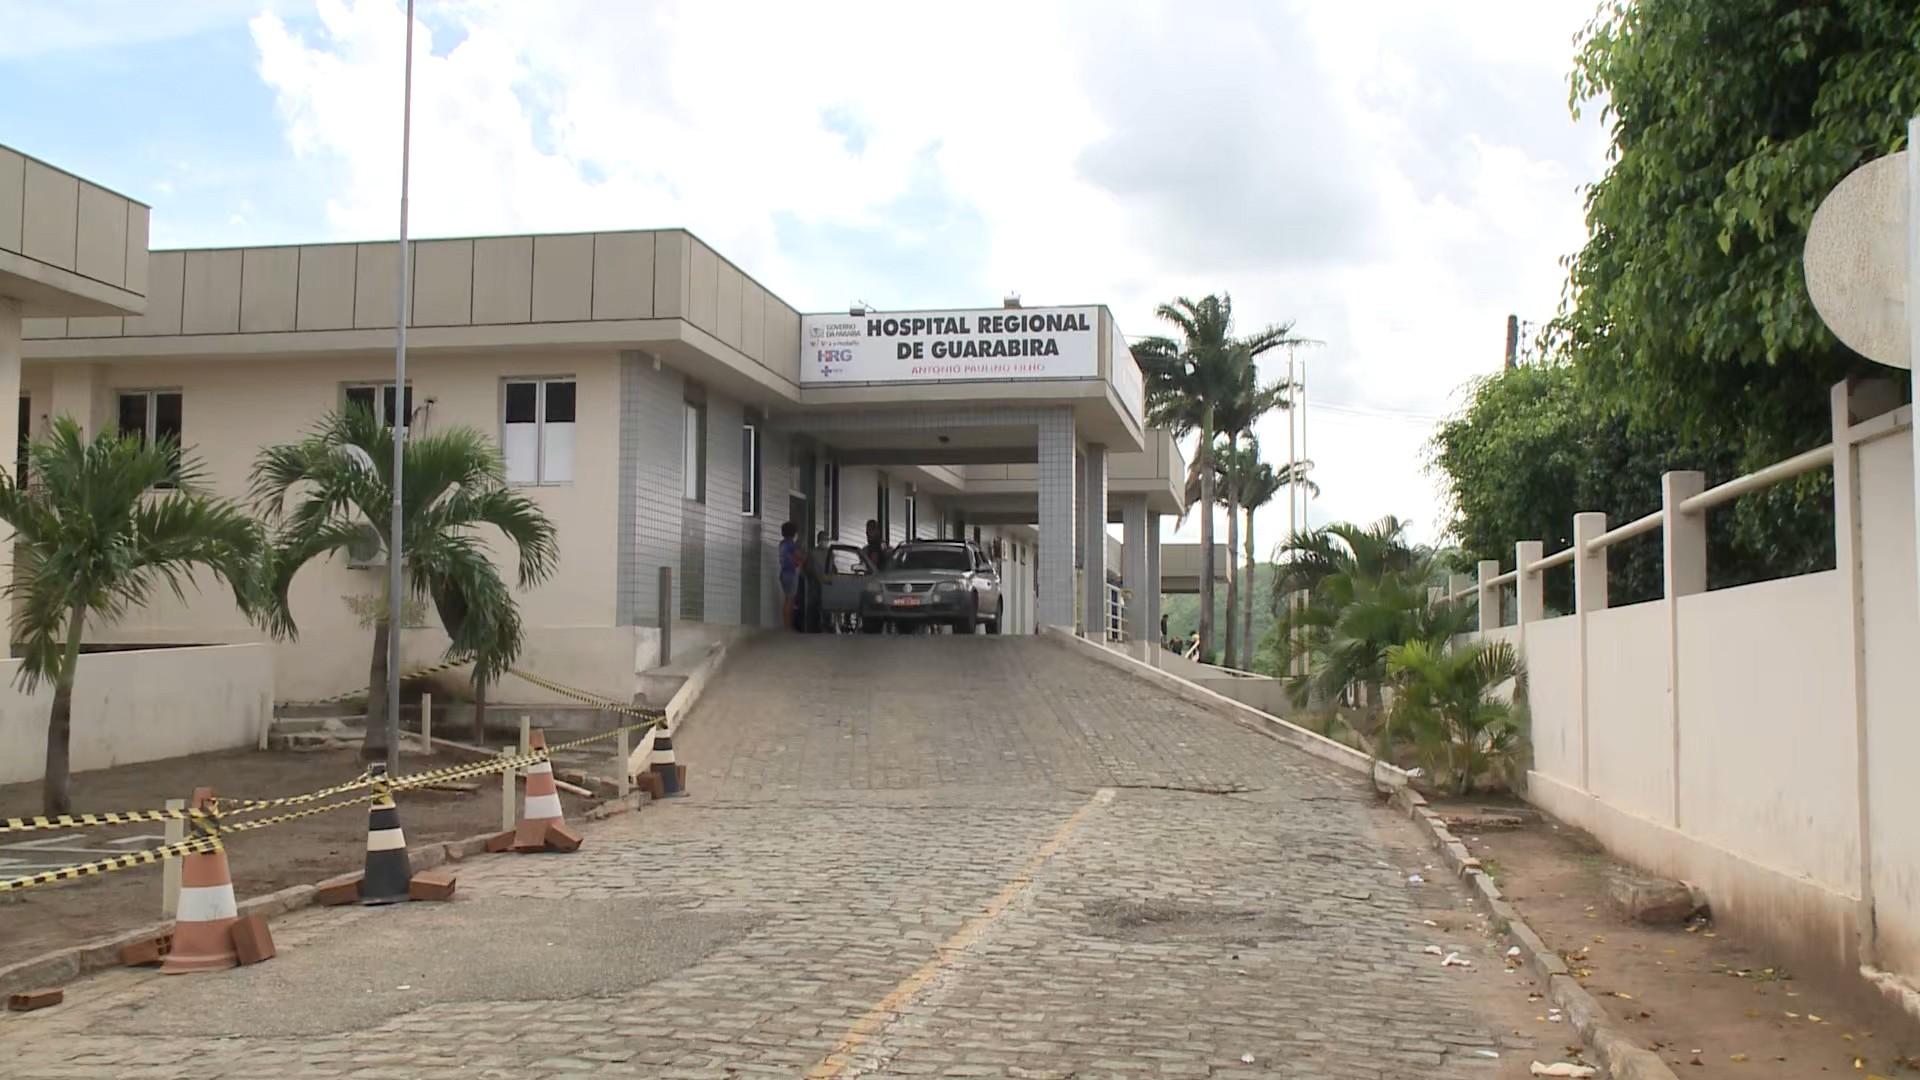 Homem suspeito de agredir mulher em posto de saúde é detido por PM de folga, na PB - Notícias - Plantão Diário